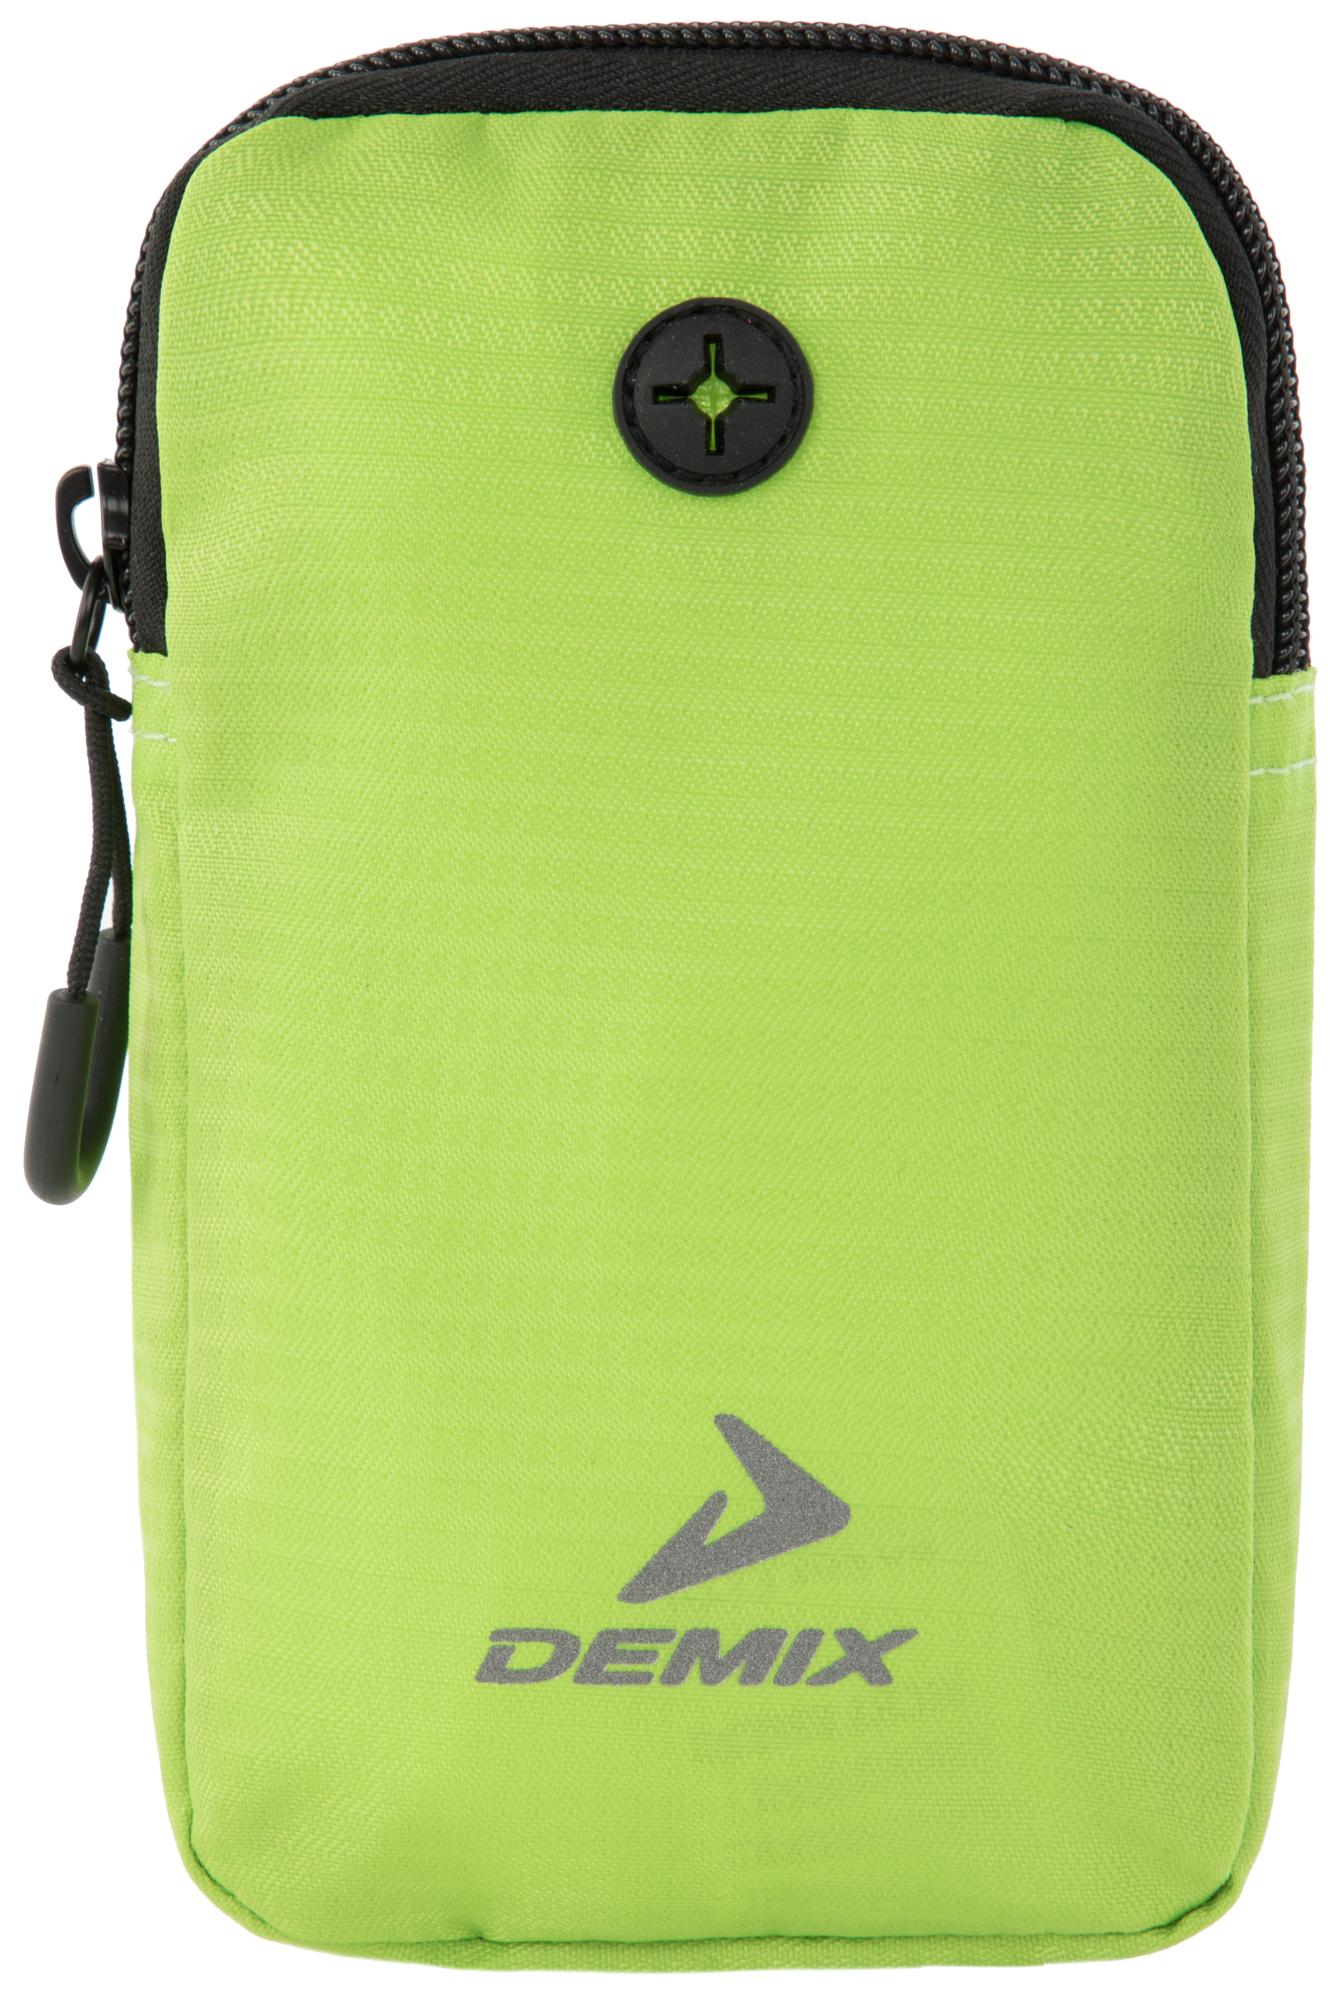 Фото - Demix Чехол для смартфона Demix чехол для наушников tiptop siliconecase2036 4605170002036 красный